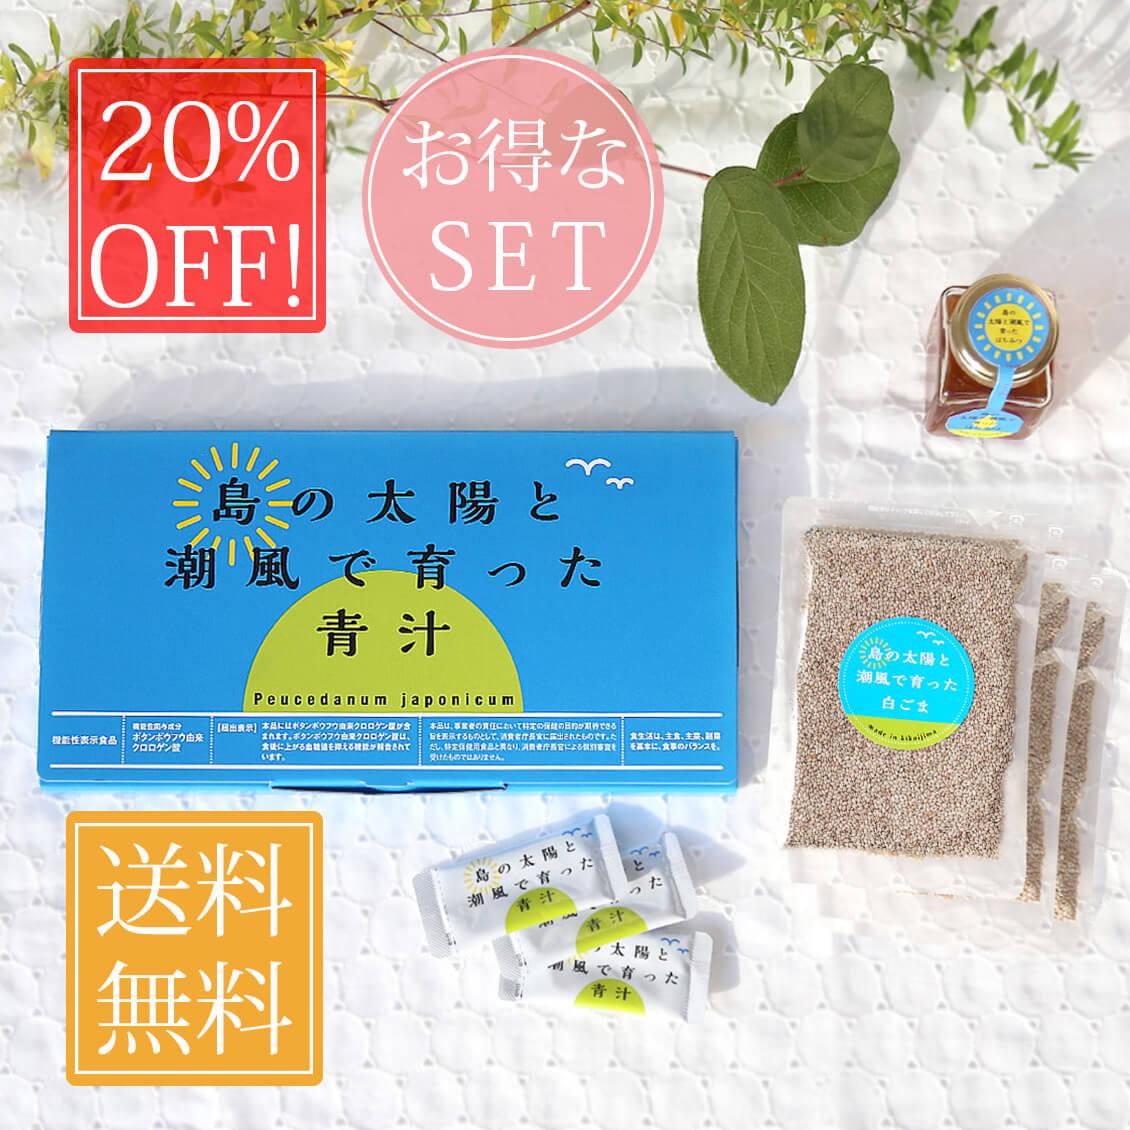 【送料無料】喜界島薬草農園セット 青汁30包+はちみつ100g+白ごま50gx3袋